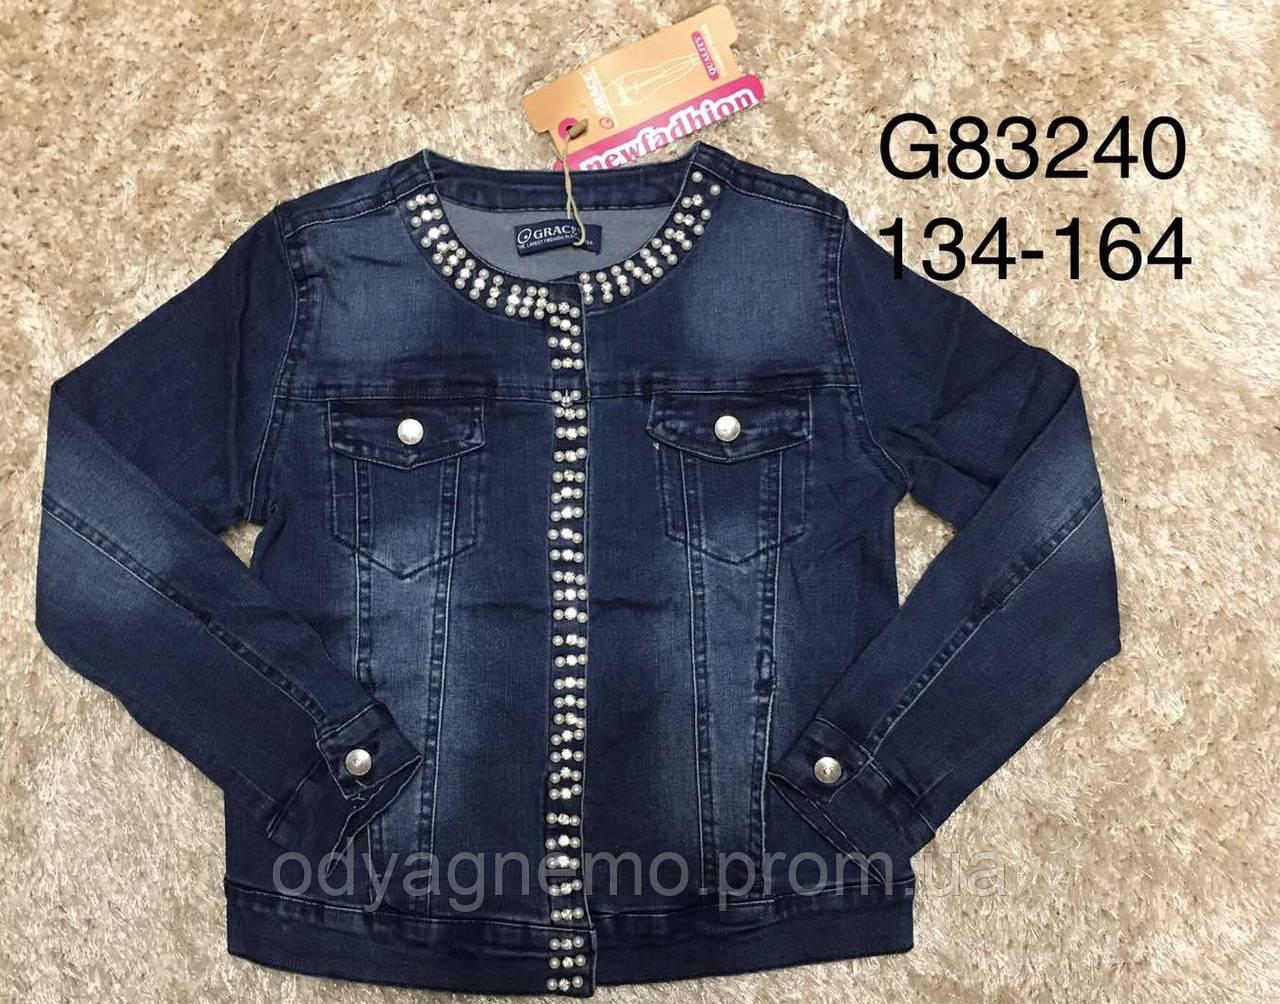 Джинсовая курточка для девочек Grace ,  134-164 рр.  Артикул: G83240